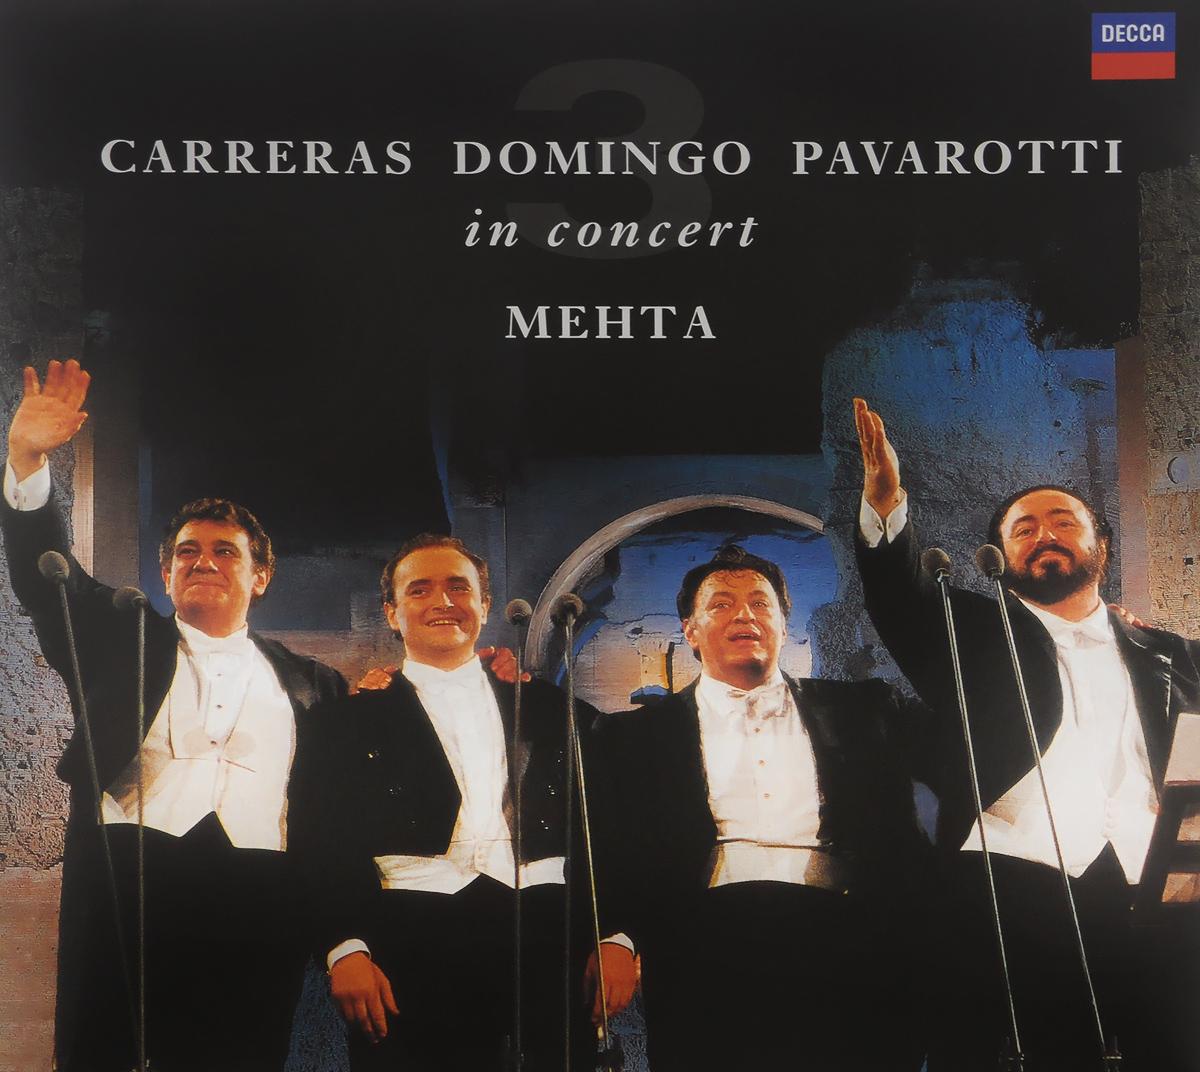 Издание содержит раскладку с текстами песен на английском, немецком, испанском и французском языках.